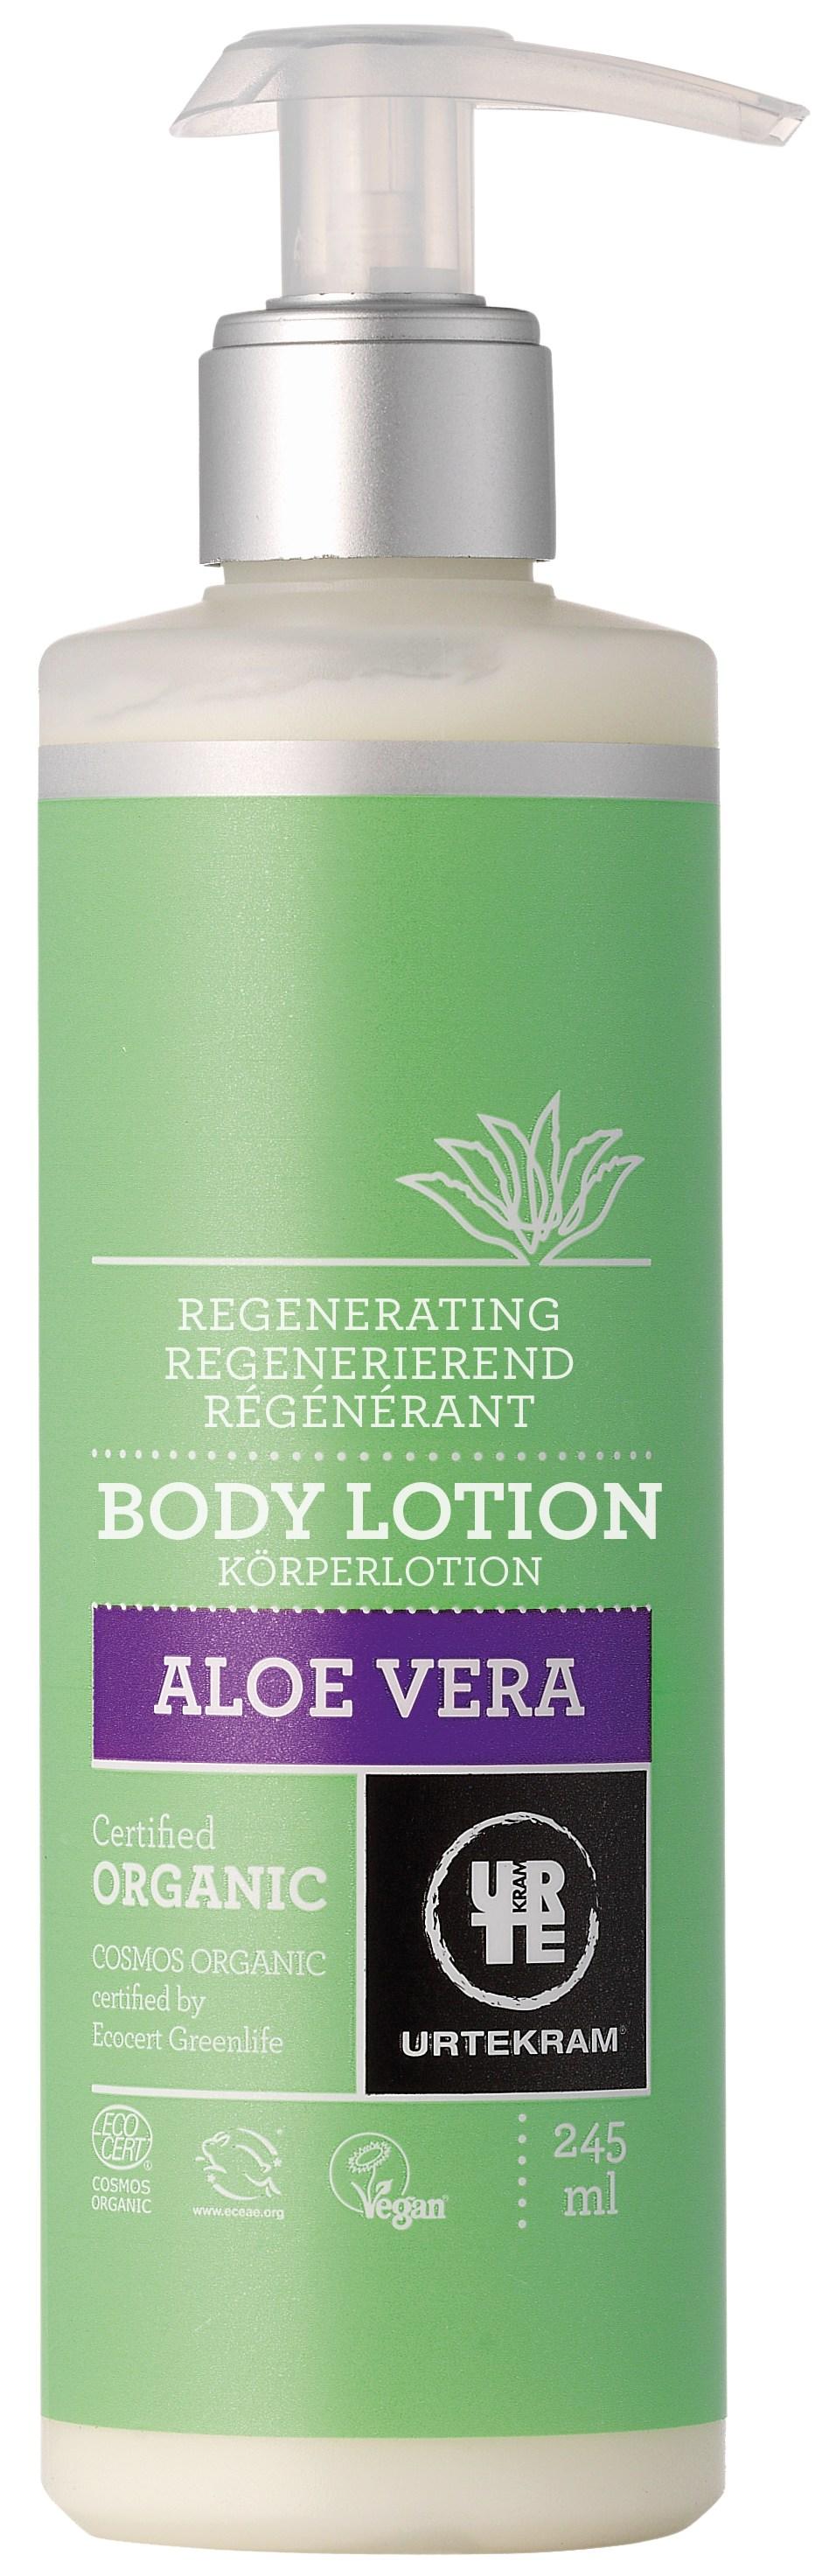 Urtekram Aloe Vera Body Lotion Regenererende - 245 ml